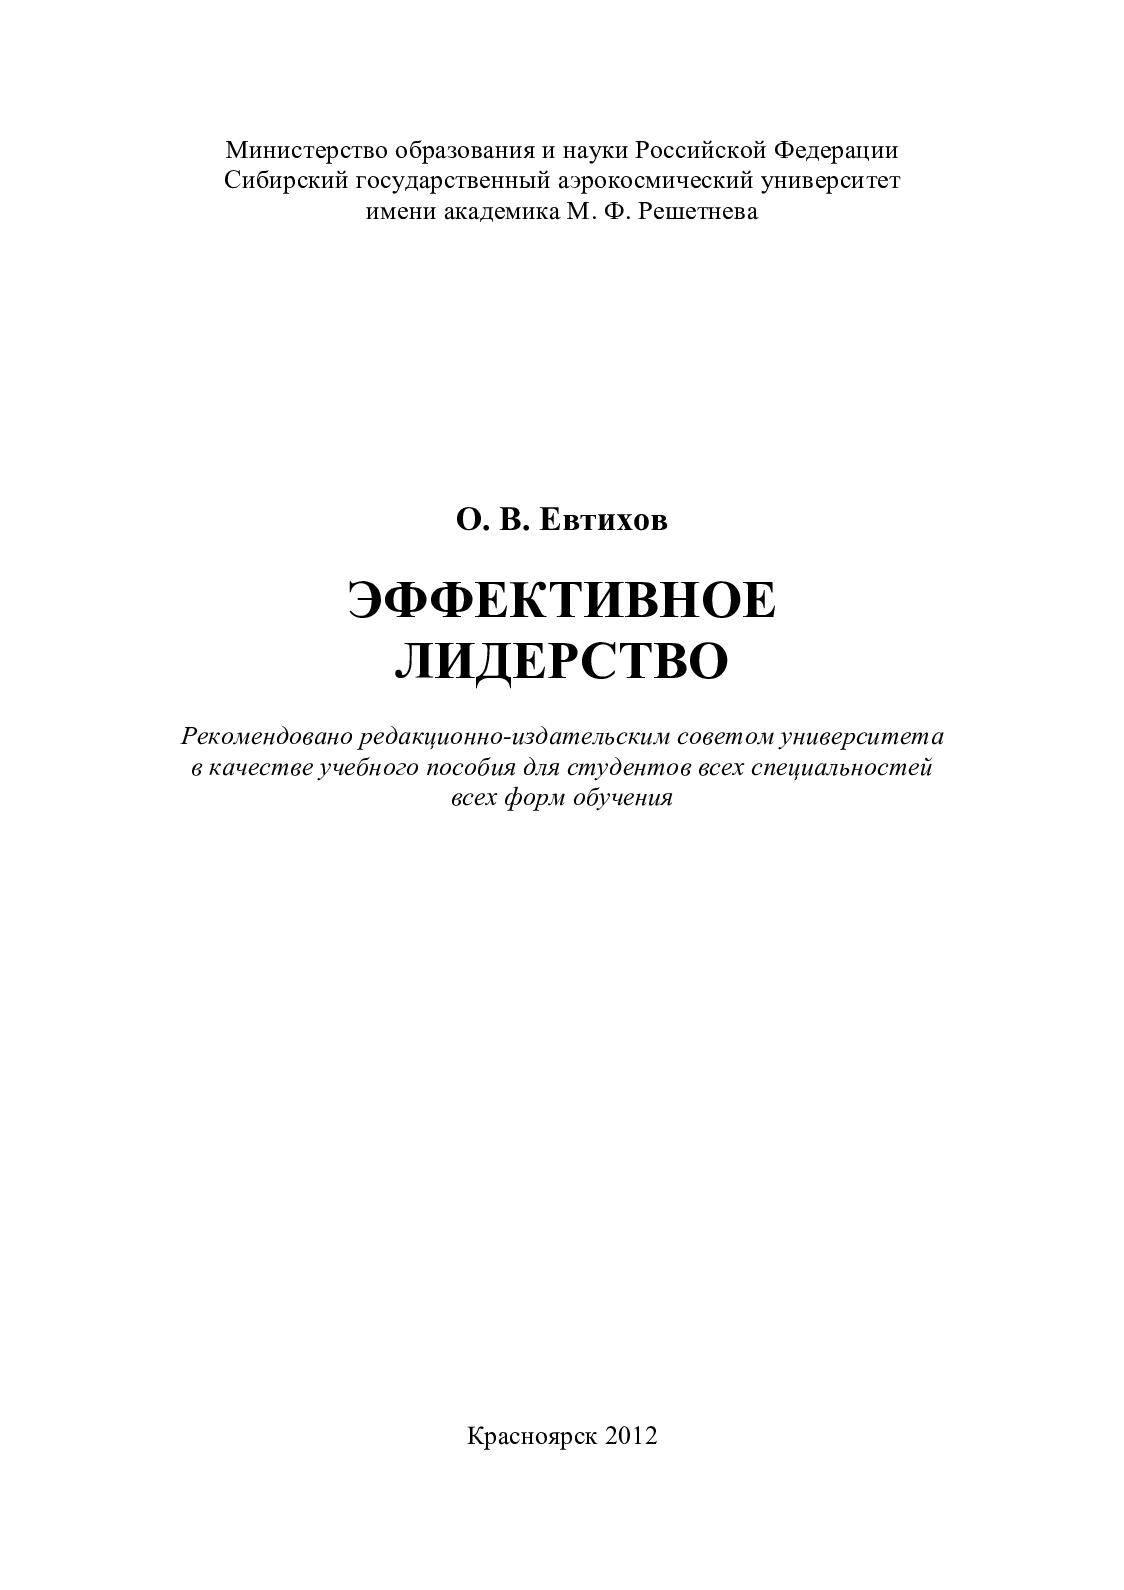 «московский психотерапевтический журнал, 1997, №3 харизматическая личность в психотерапии* а.и.сосланд ключевые слова: психотерапия, психотерапевтическая школа, харизма, идеология. ...»